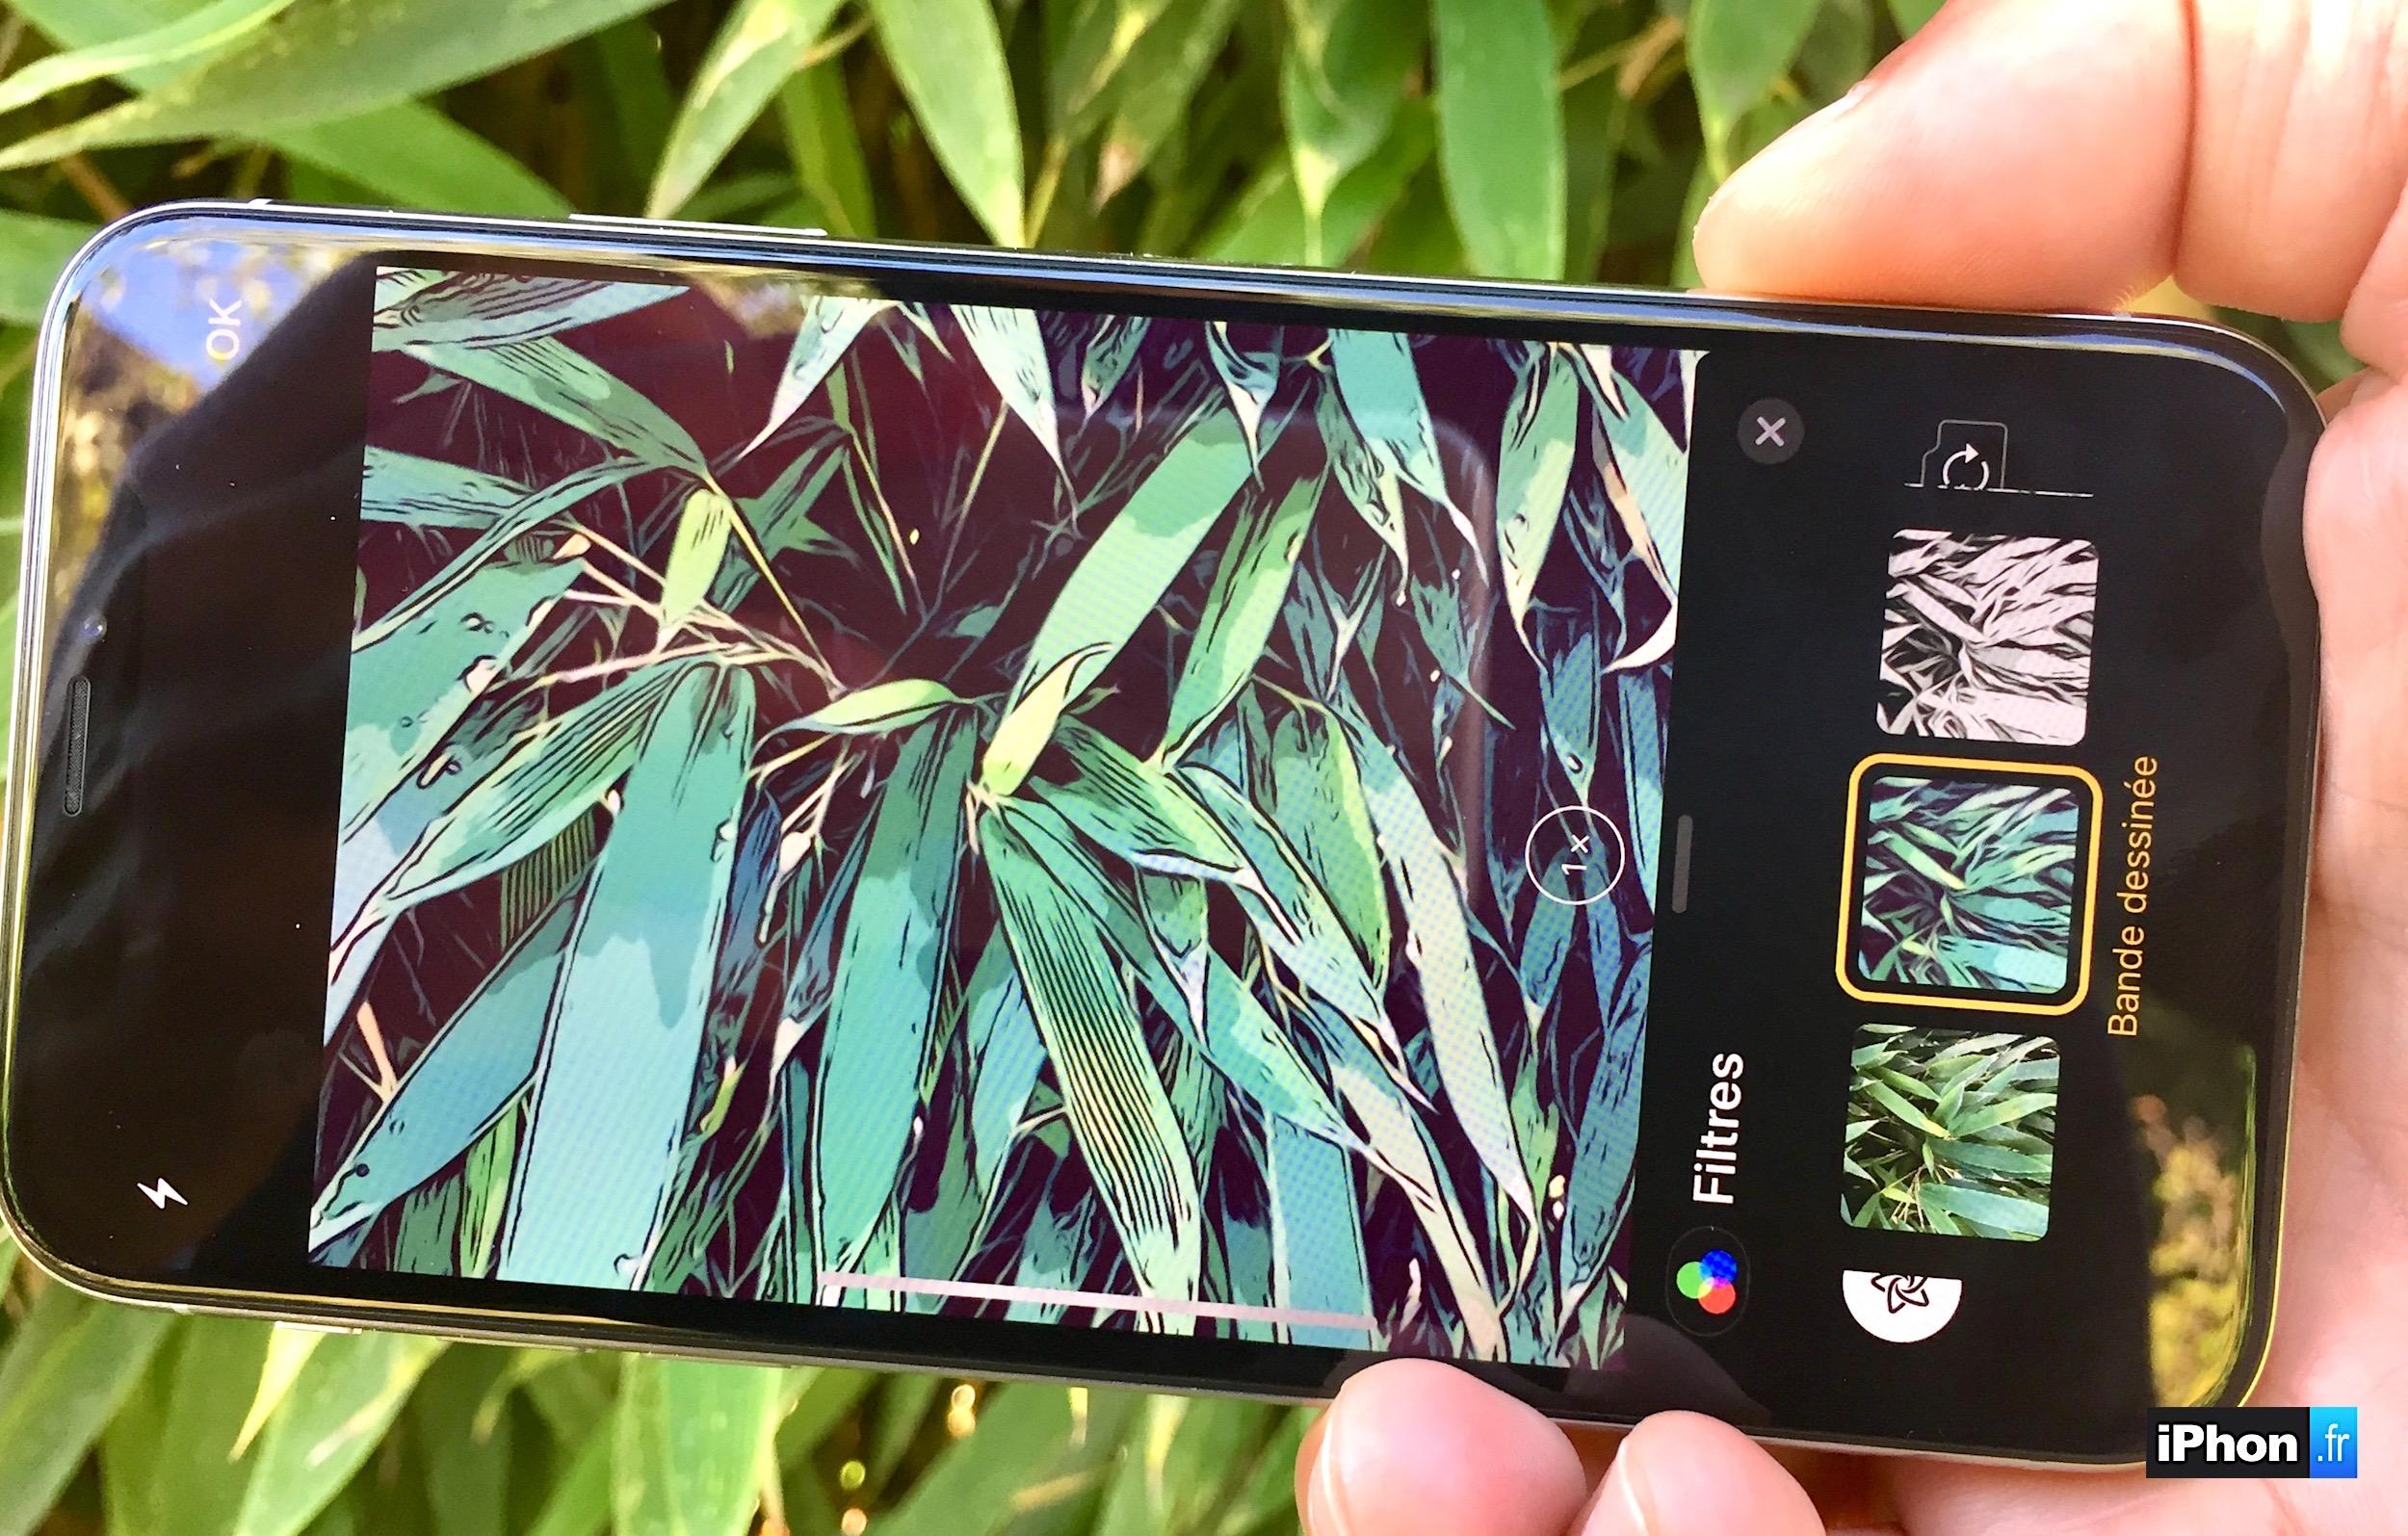 En pratique iOS 12 : des outils puissants pour enrichir photos et vidéos avant partage iMessage (vidéo) 1